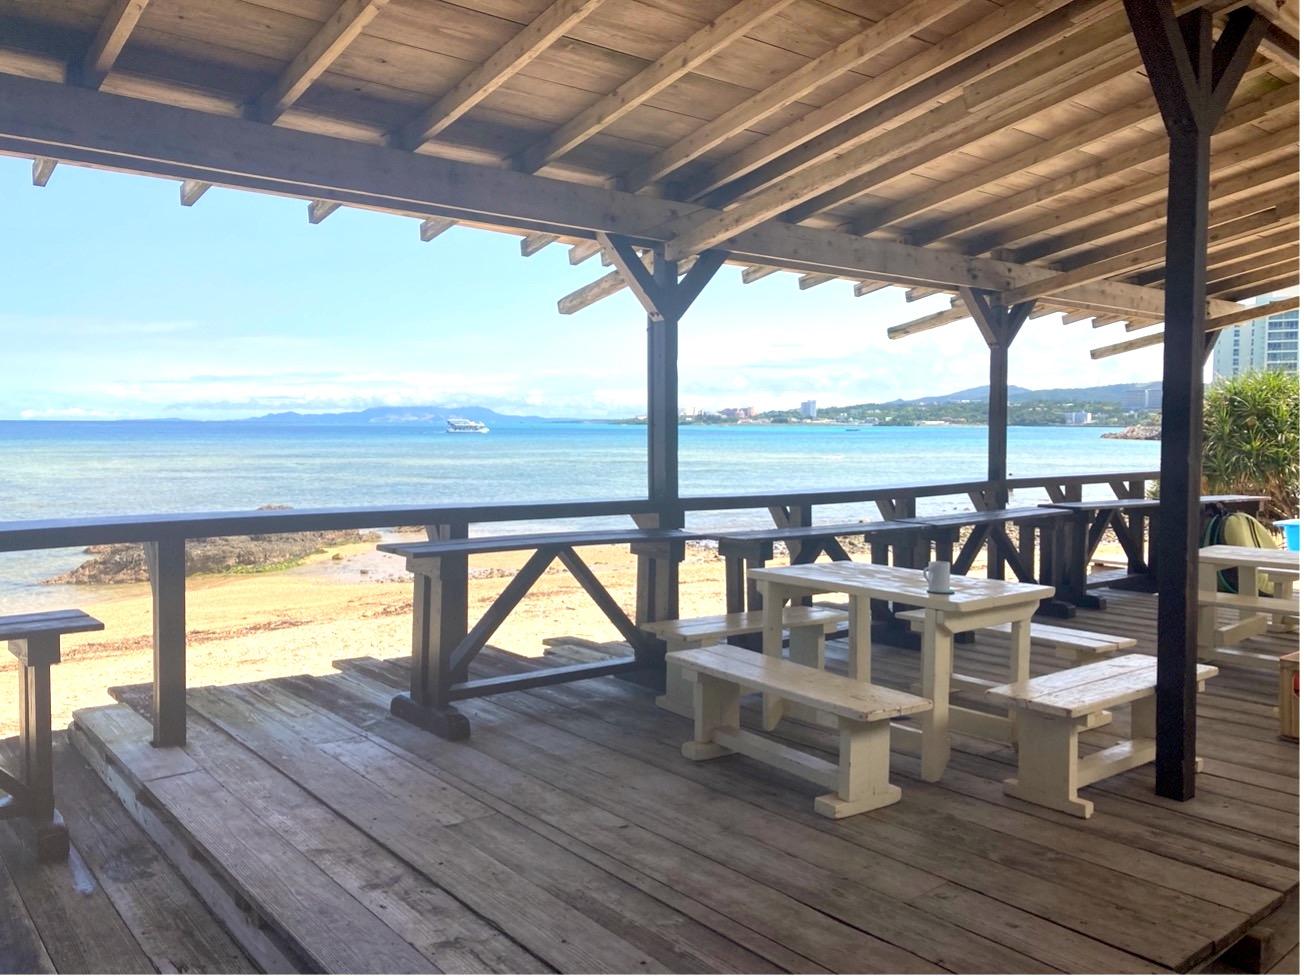 ショップのテラス席とマリブビーチ